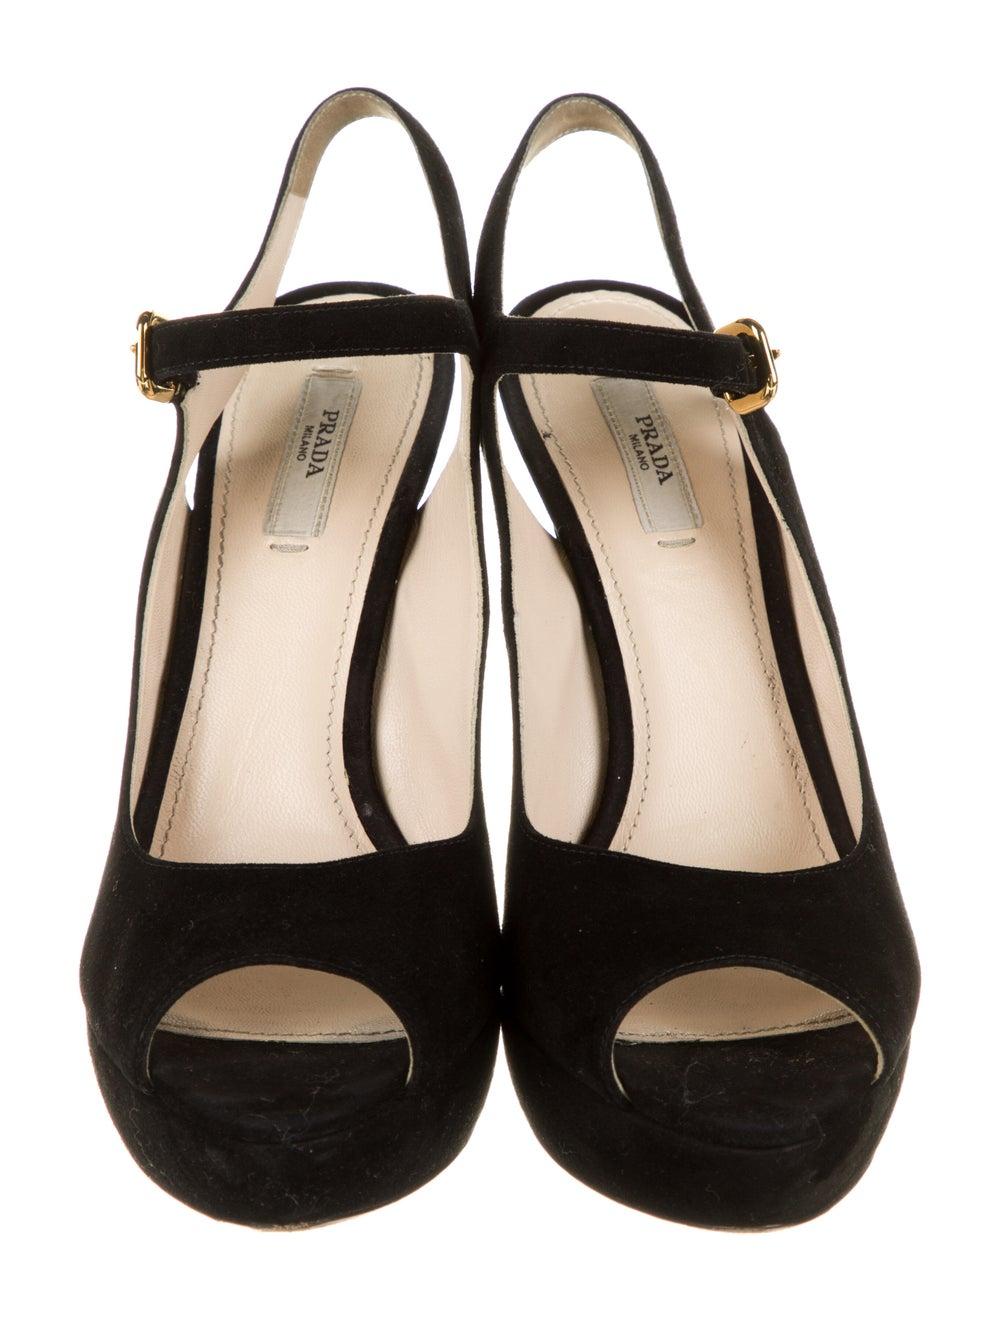 Prada Suede Sandals Black - image 3